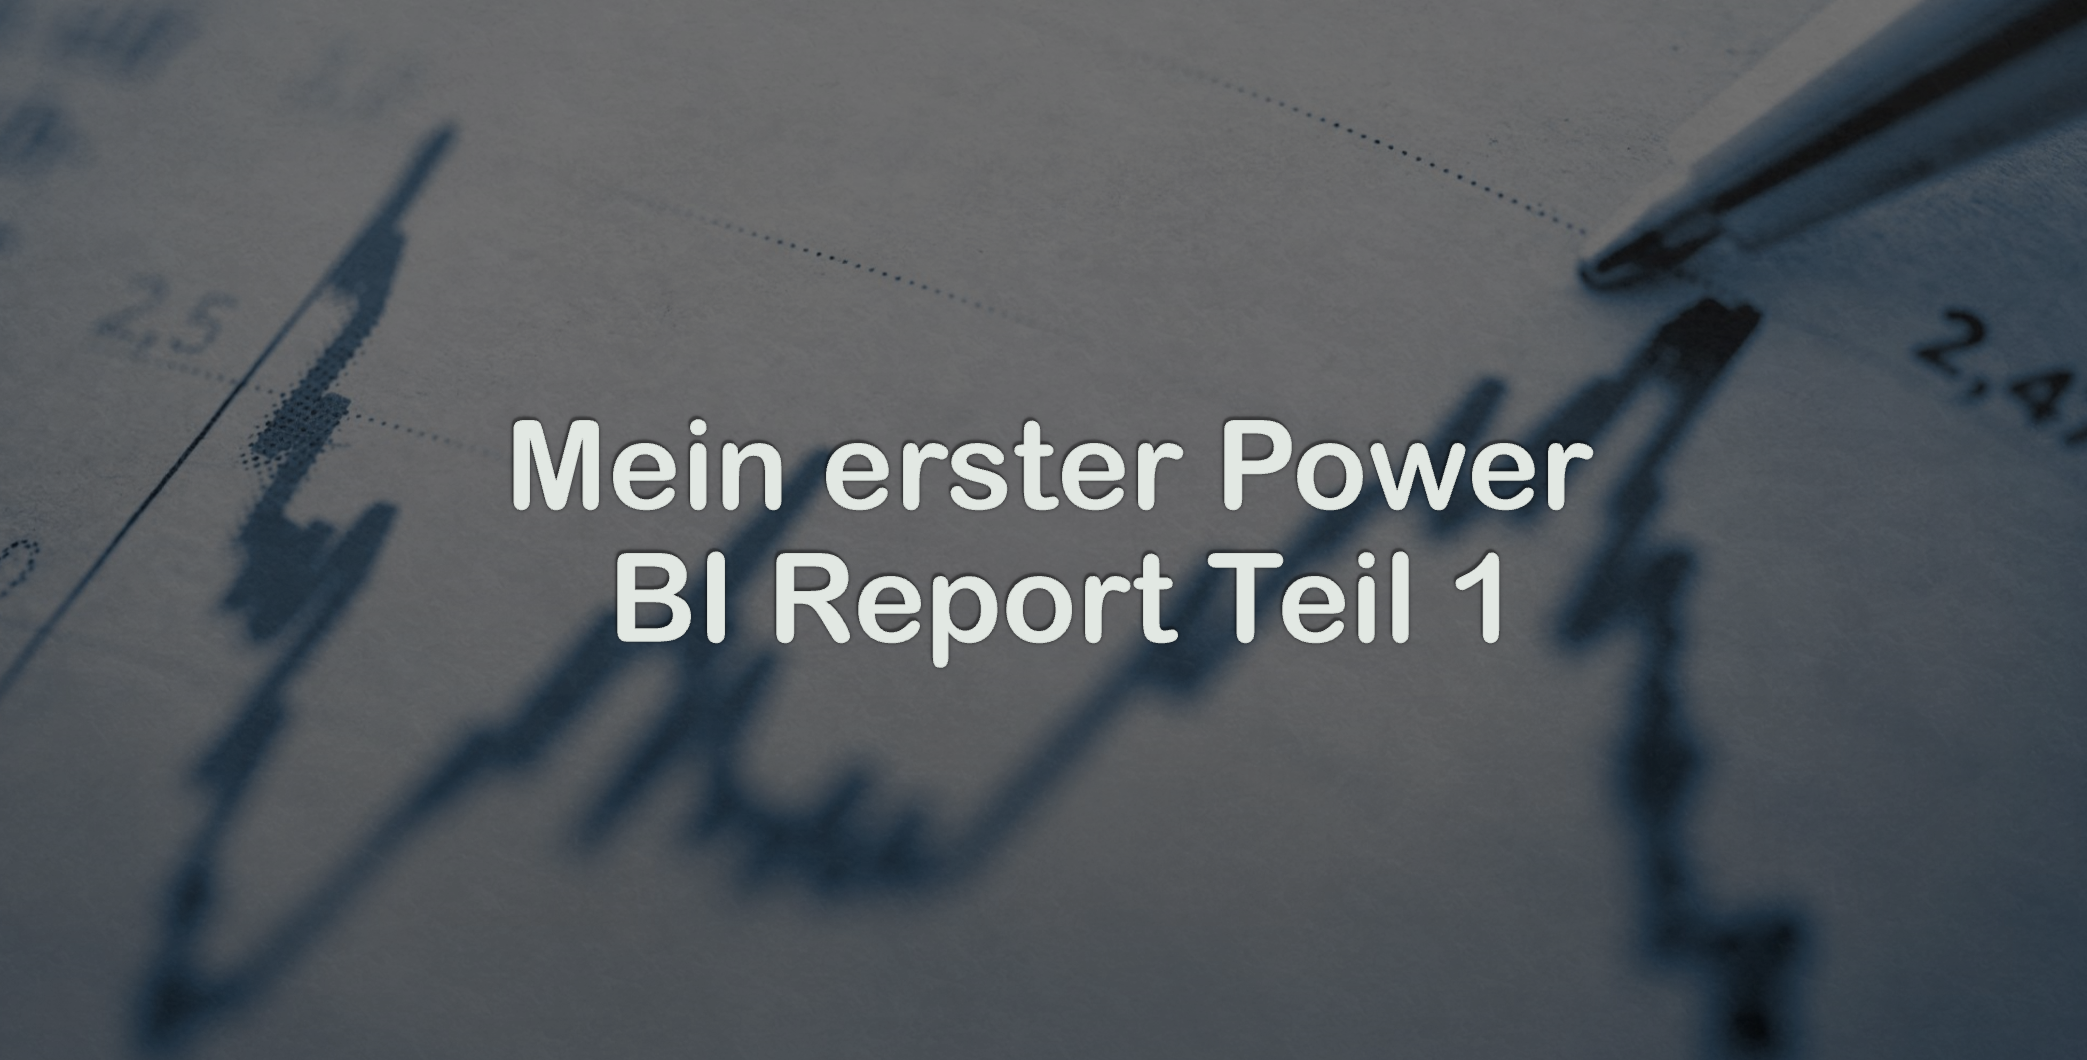 titel-bild-power-bi-report